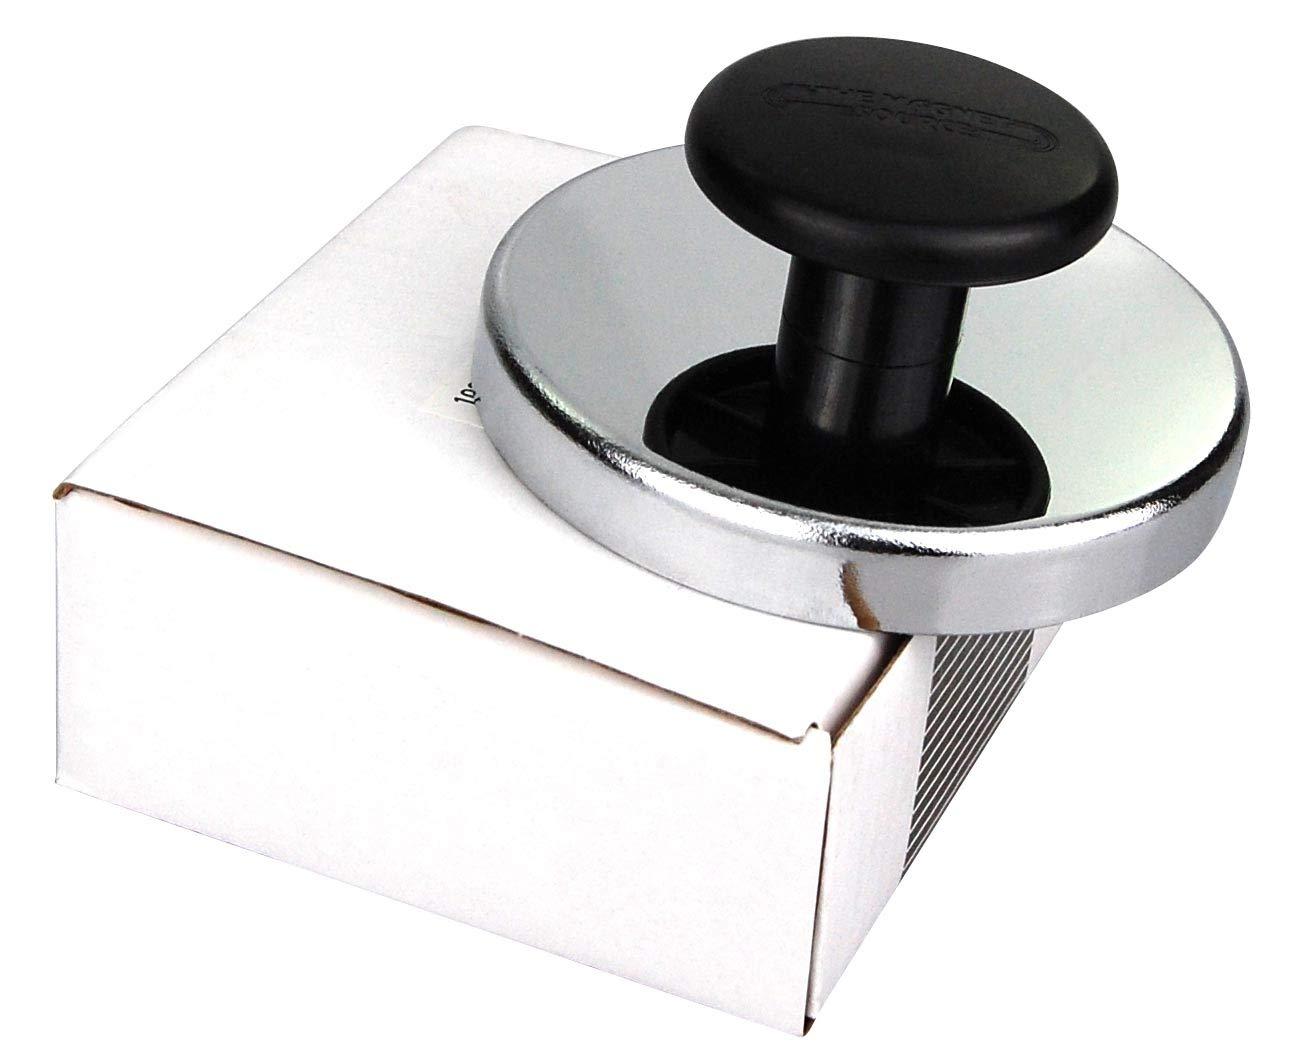 Kühlschrank Universalgriff : Magnet mit chromblende und knauf griff bis 11 kg durchmesser 51 mm